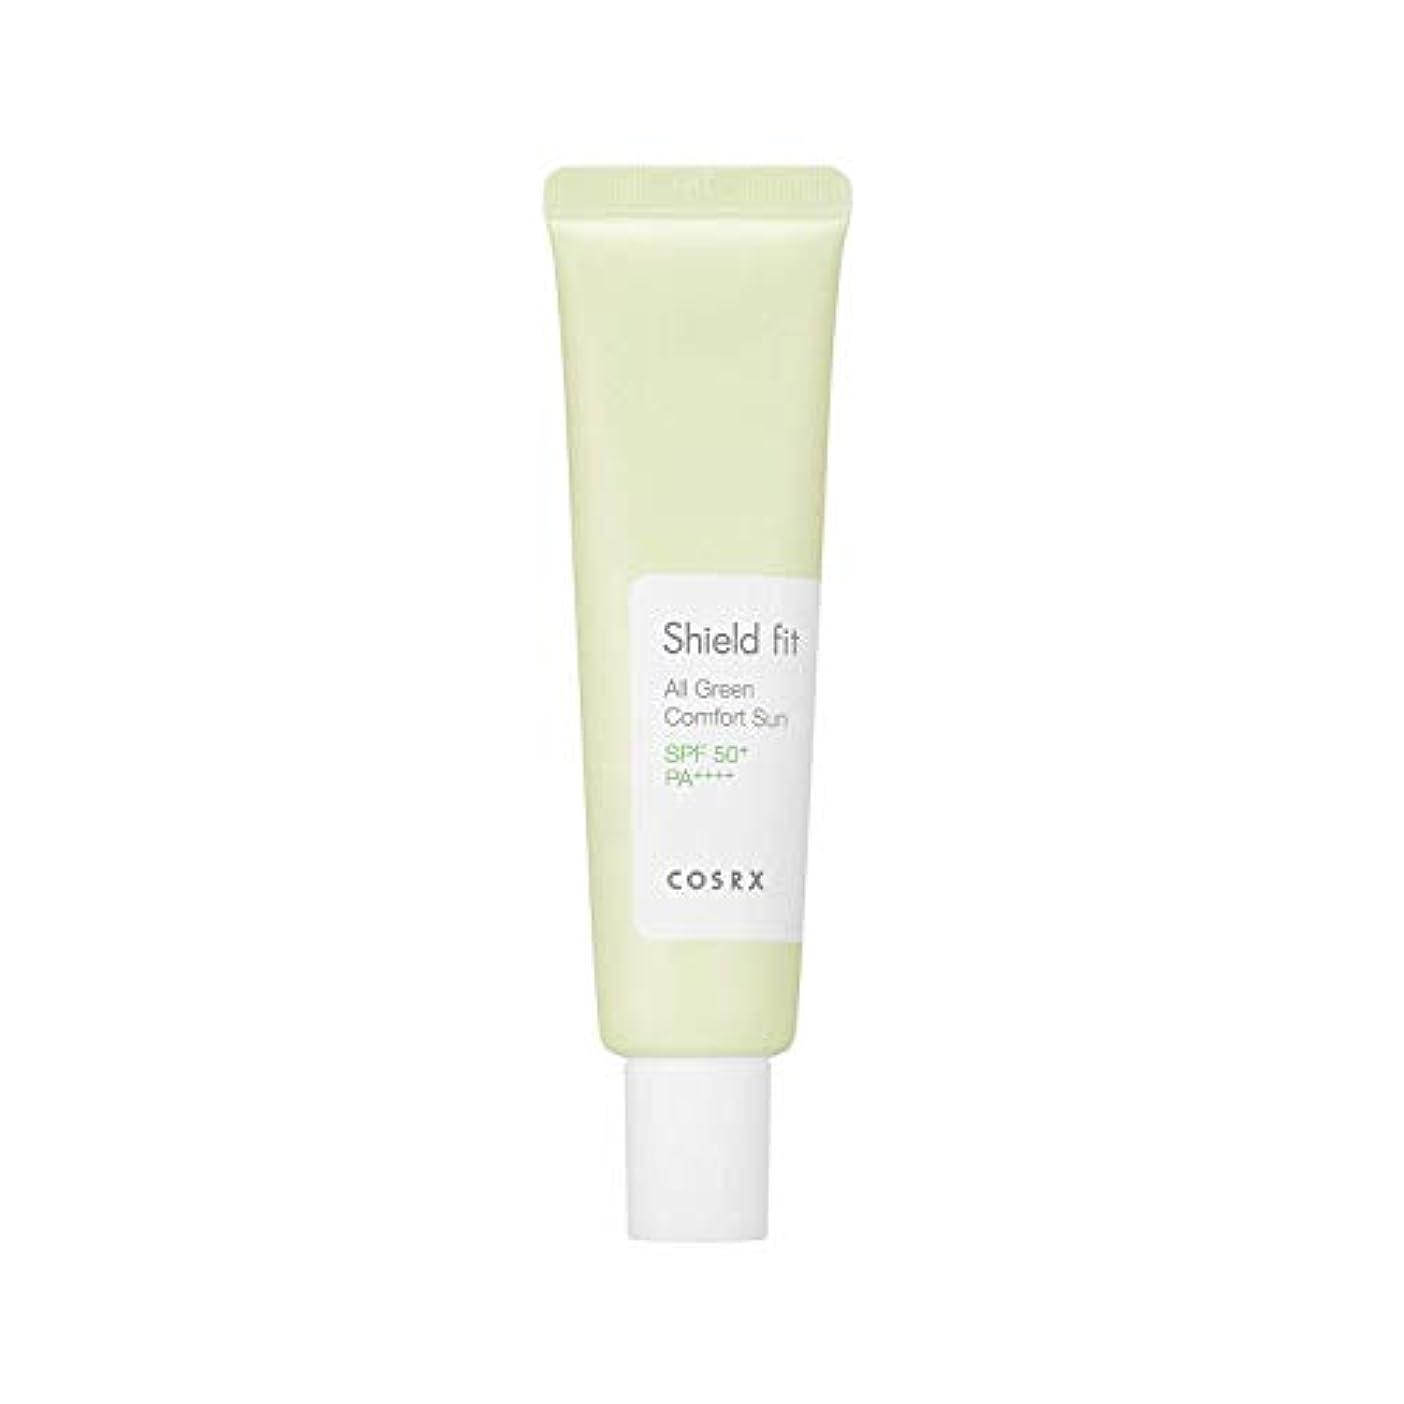 微妙ペンフレンド年金受給者COSRX シールドフィットオールグリーンコンフォートサン 35ml SPF50+ PA++++ コースアールエックス Shield Fit All Green Comfort Sun